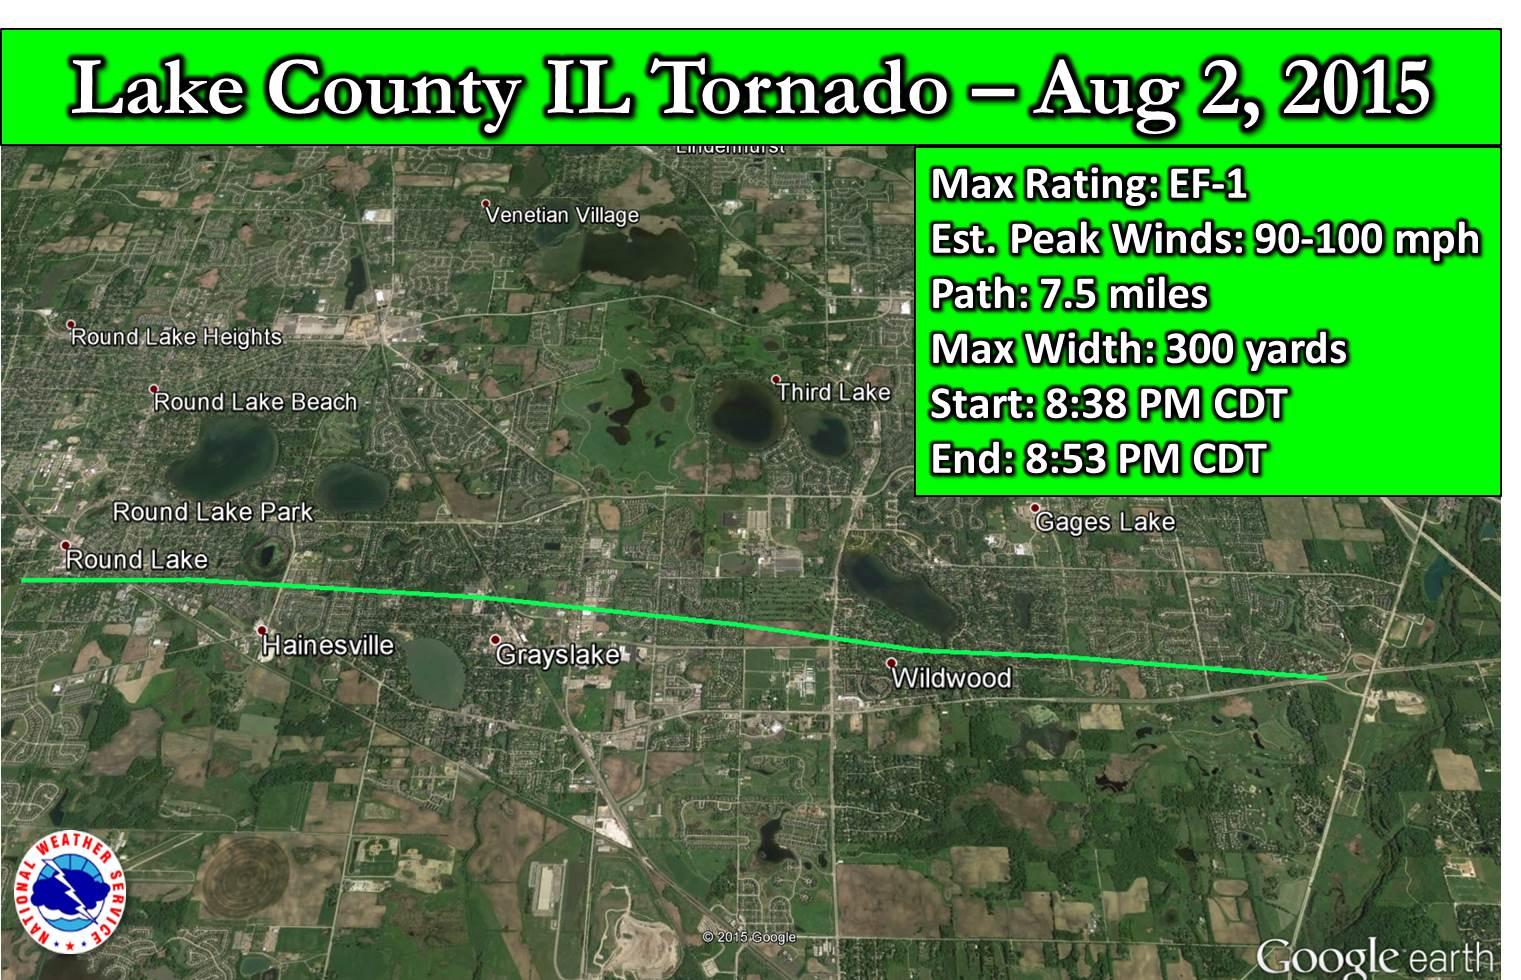 Lake County Tornado